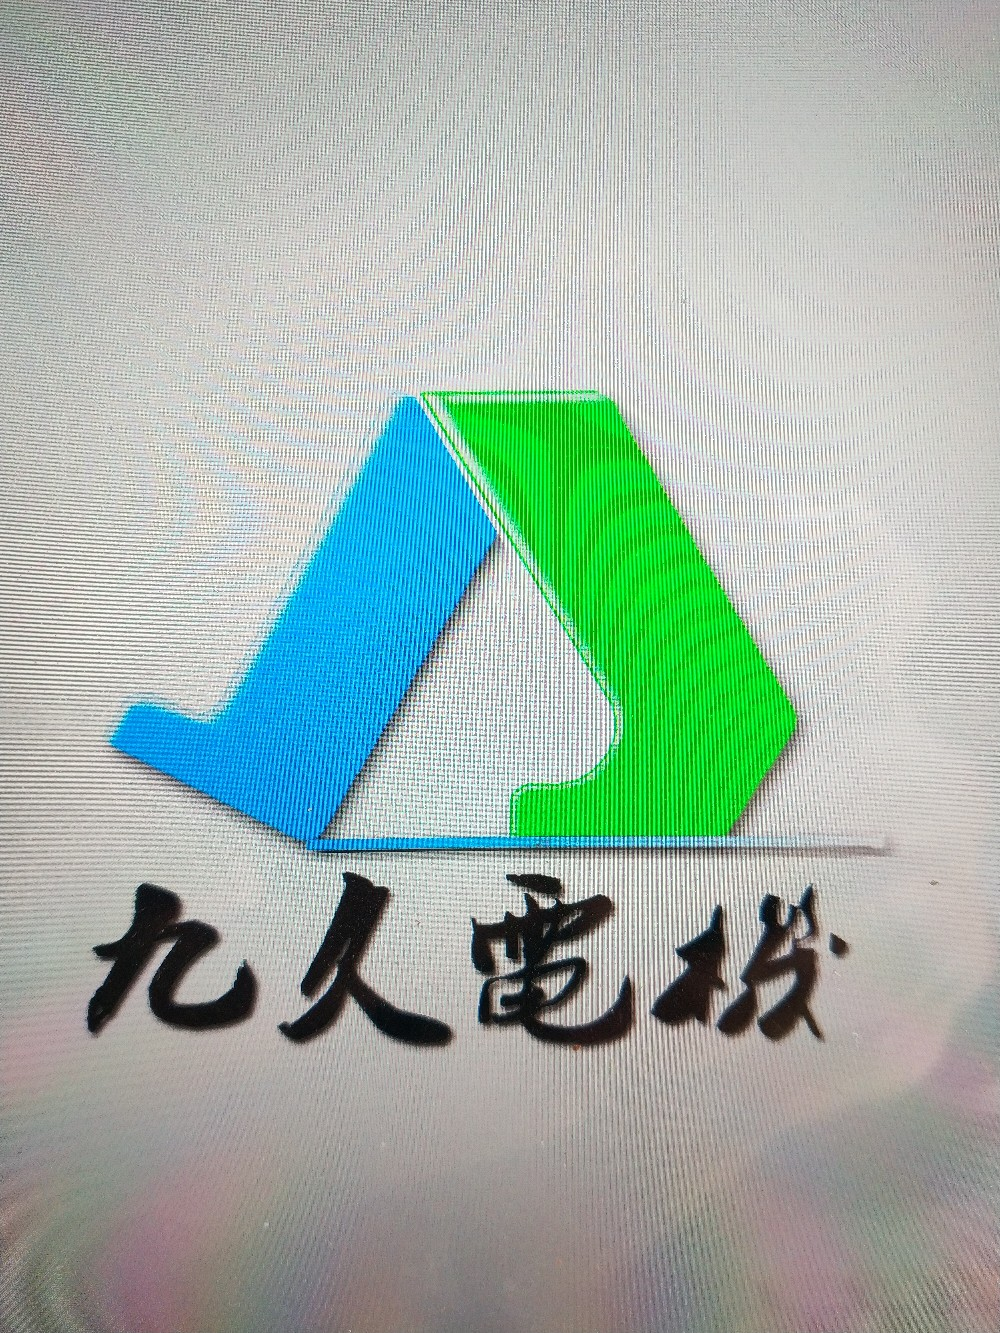 靖江市九久电机有限公司